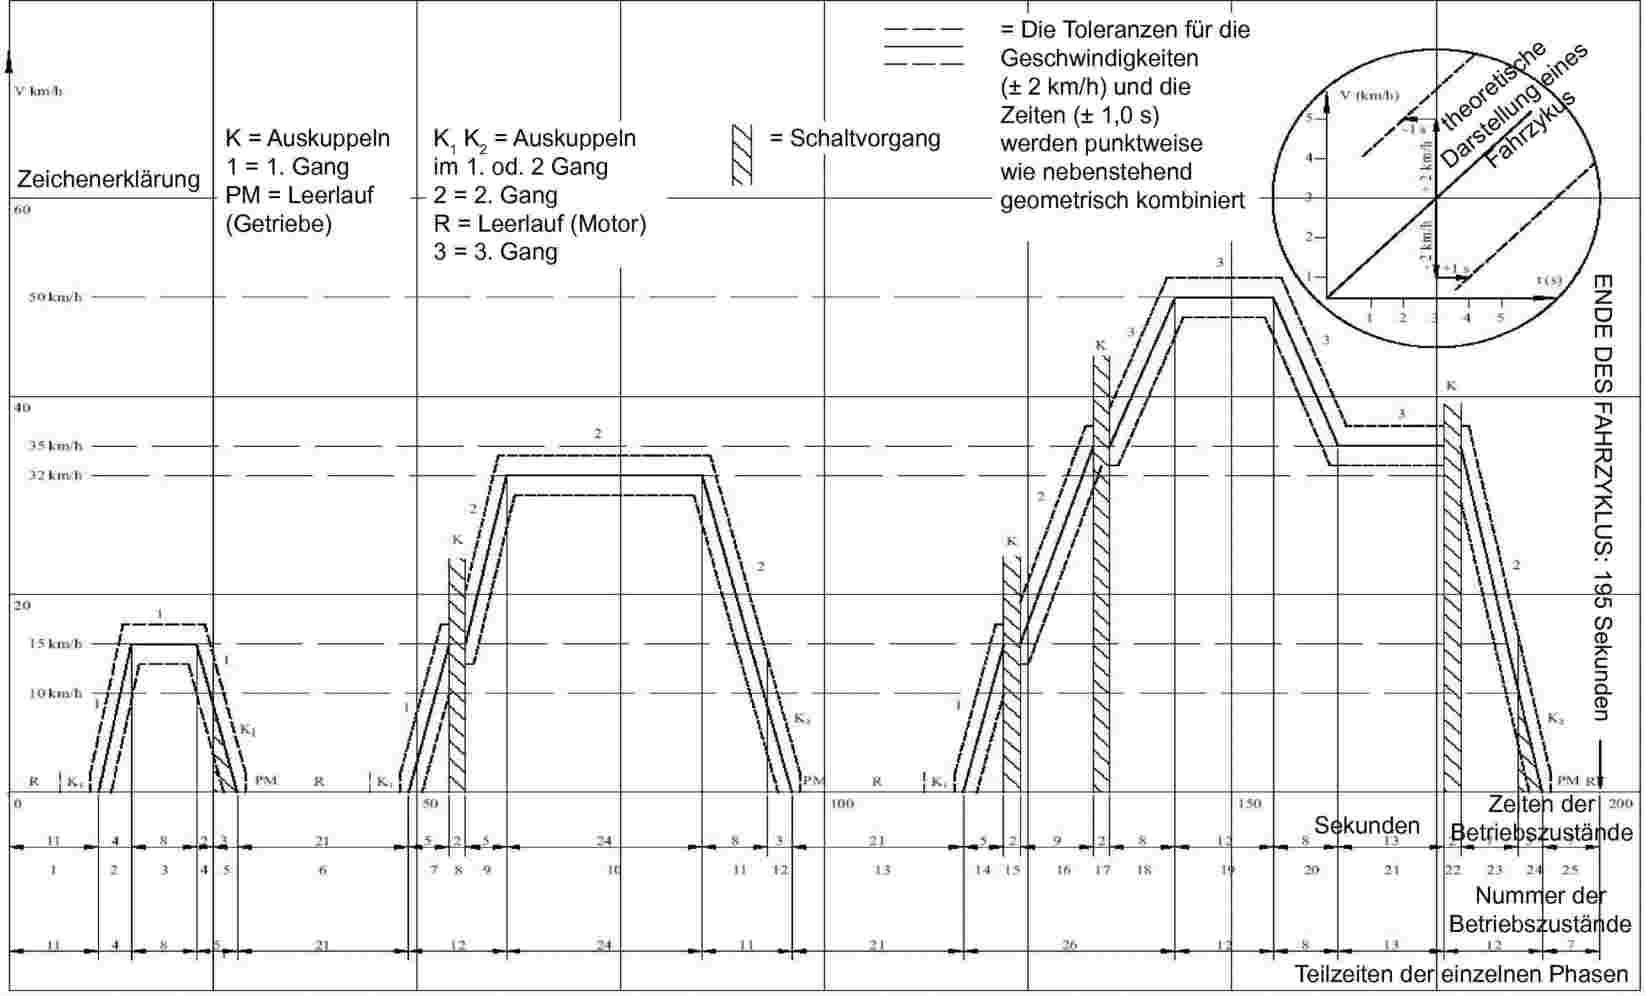 Fantastisch 3 Phasen 2 Gang Motor Schaltplan Zeitgenössisch ...